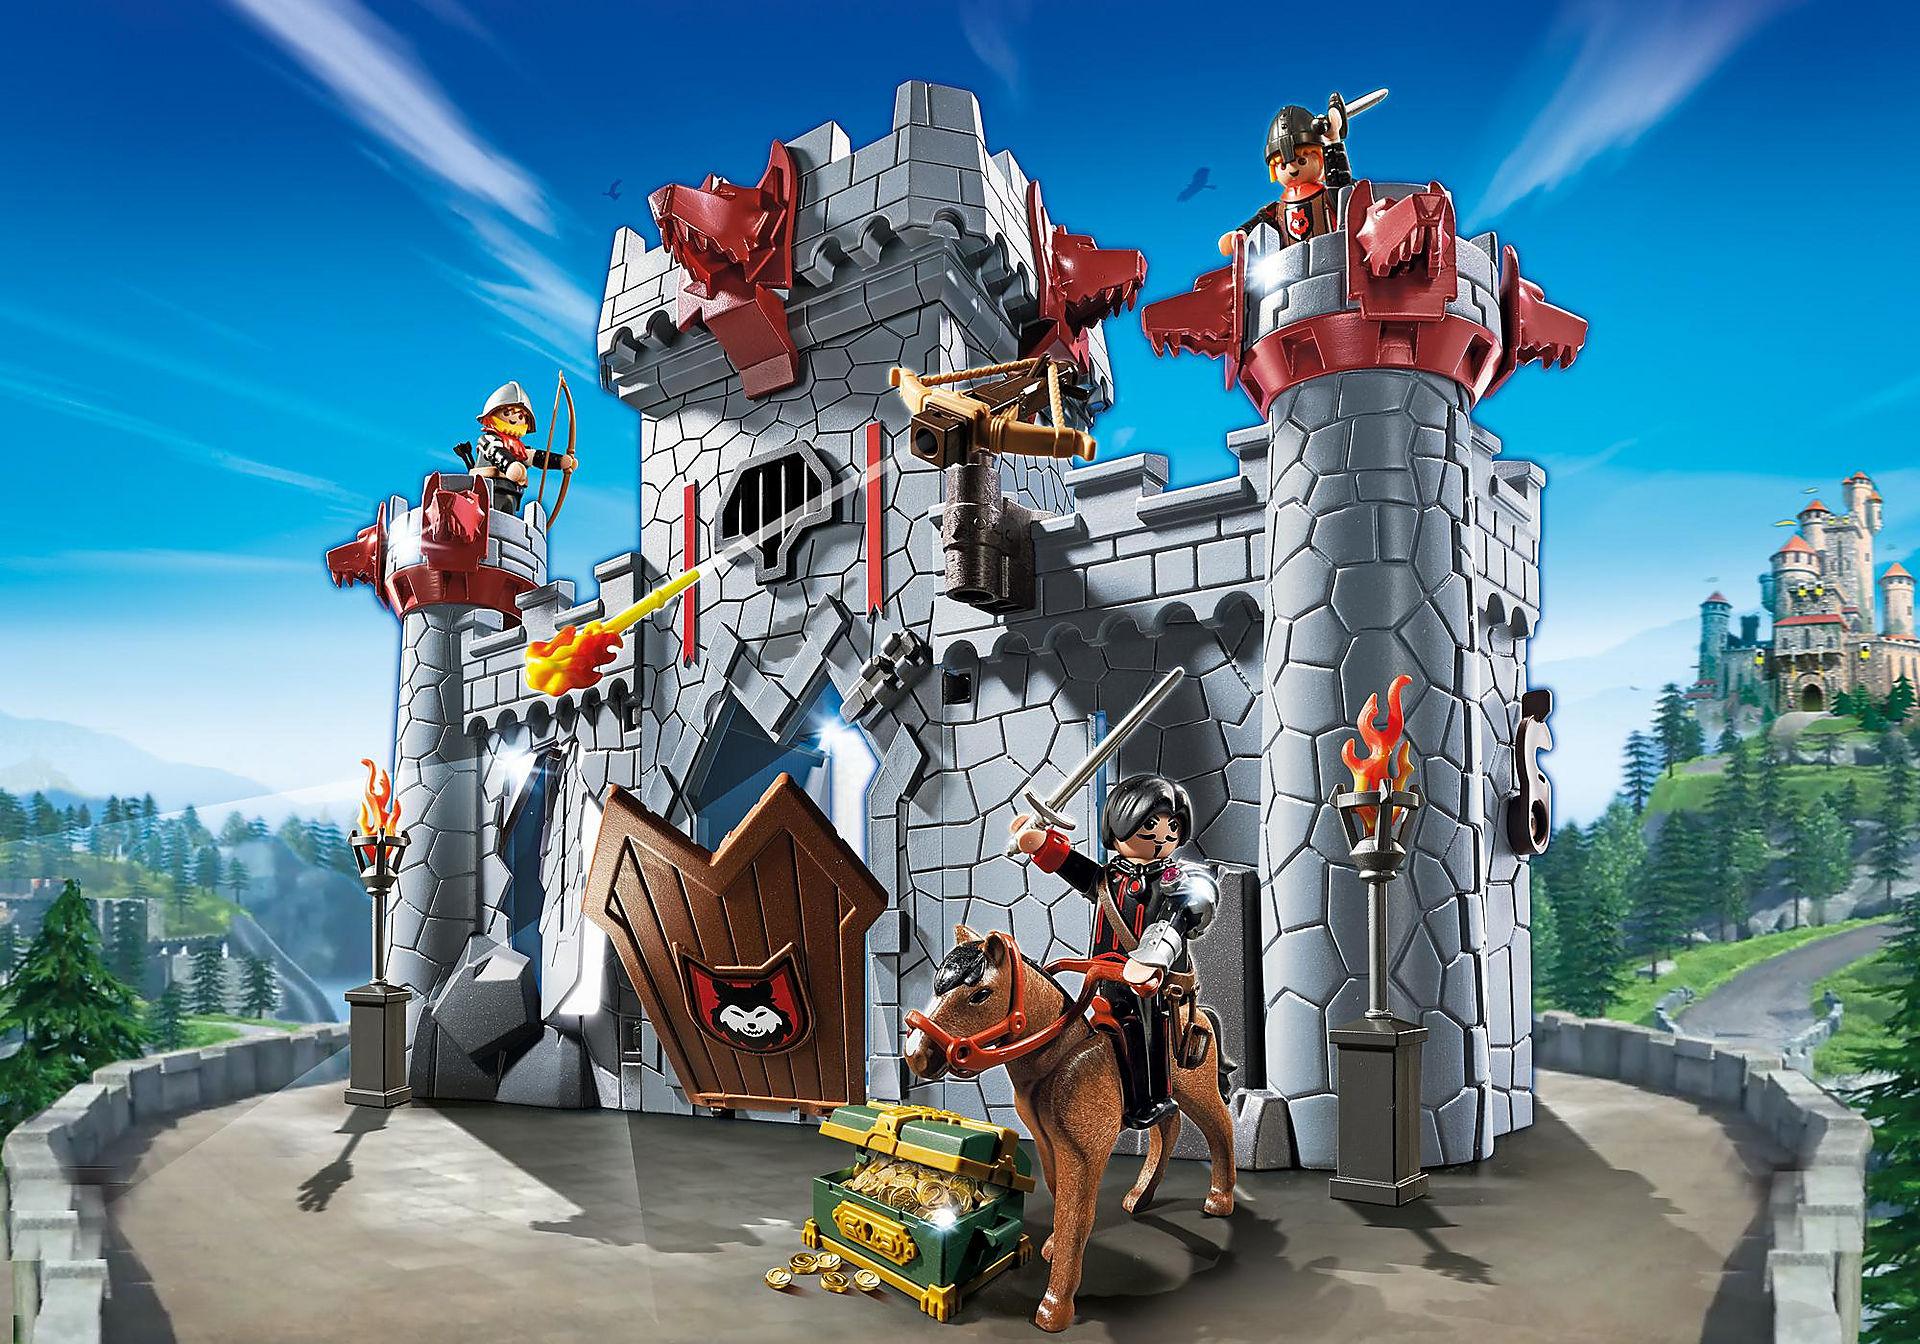 6697 Возьми с собой: Черный замок Барона Супер4 zoom image1